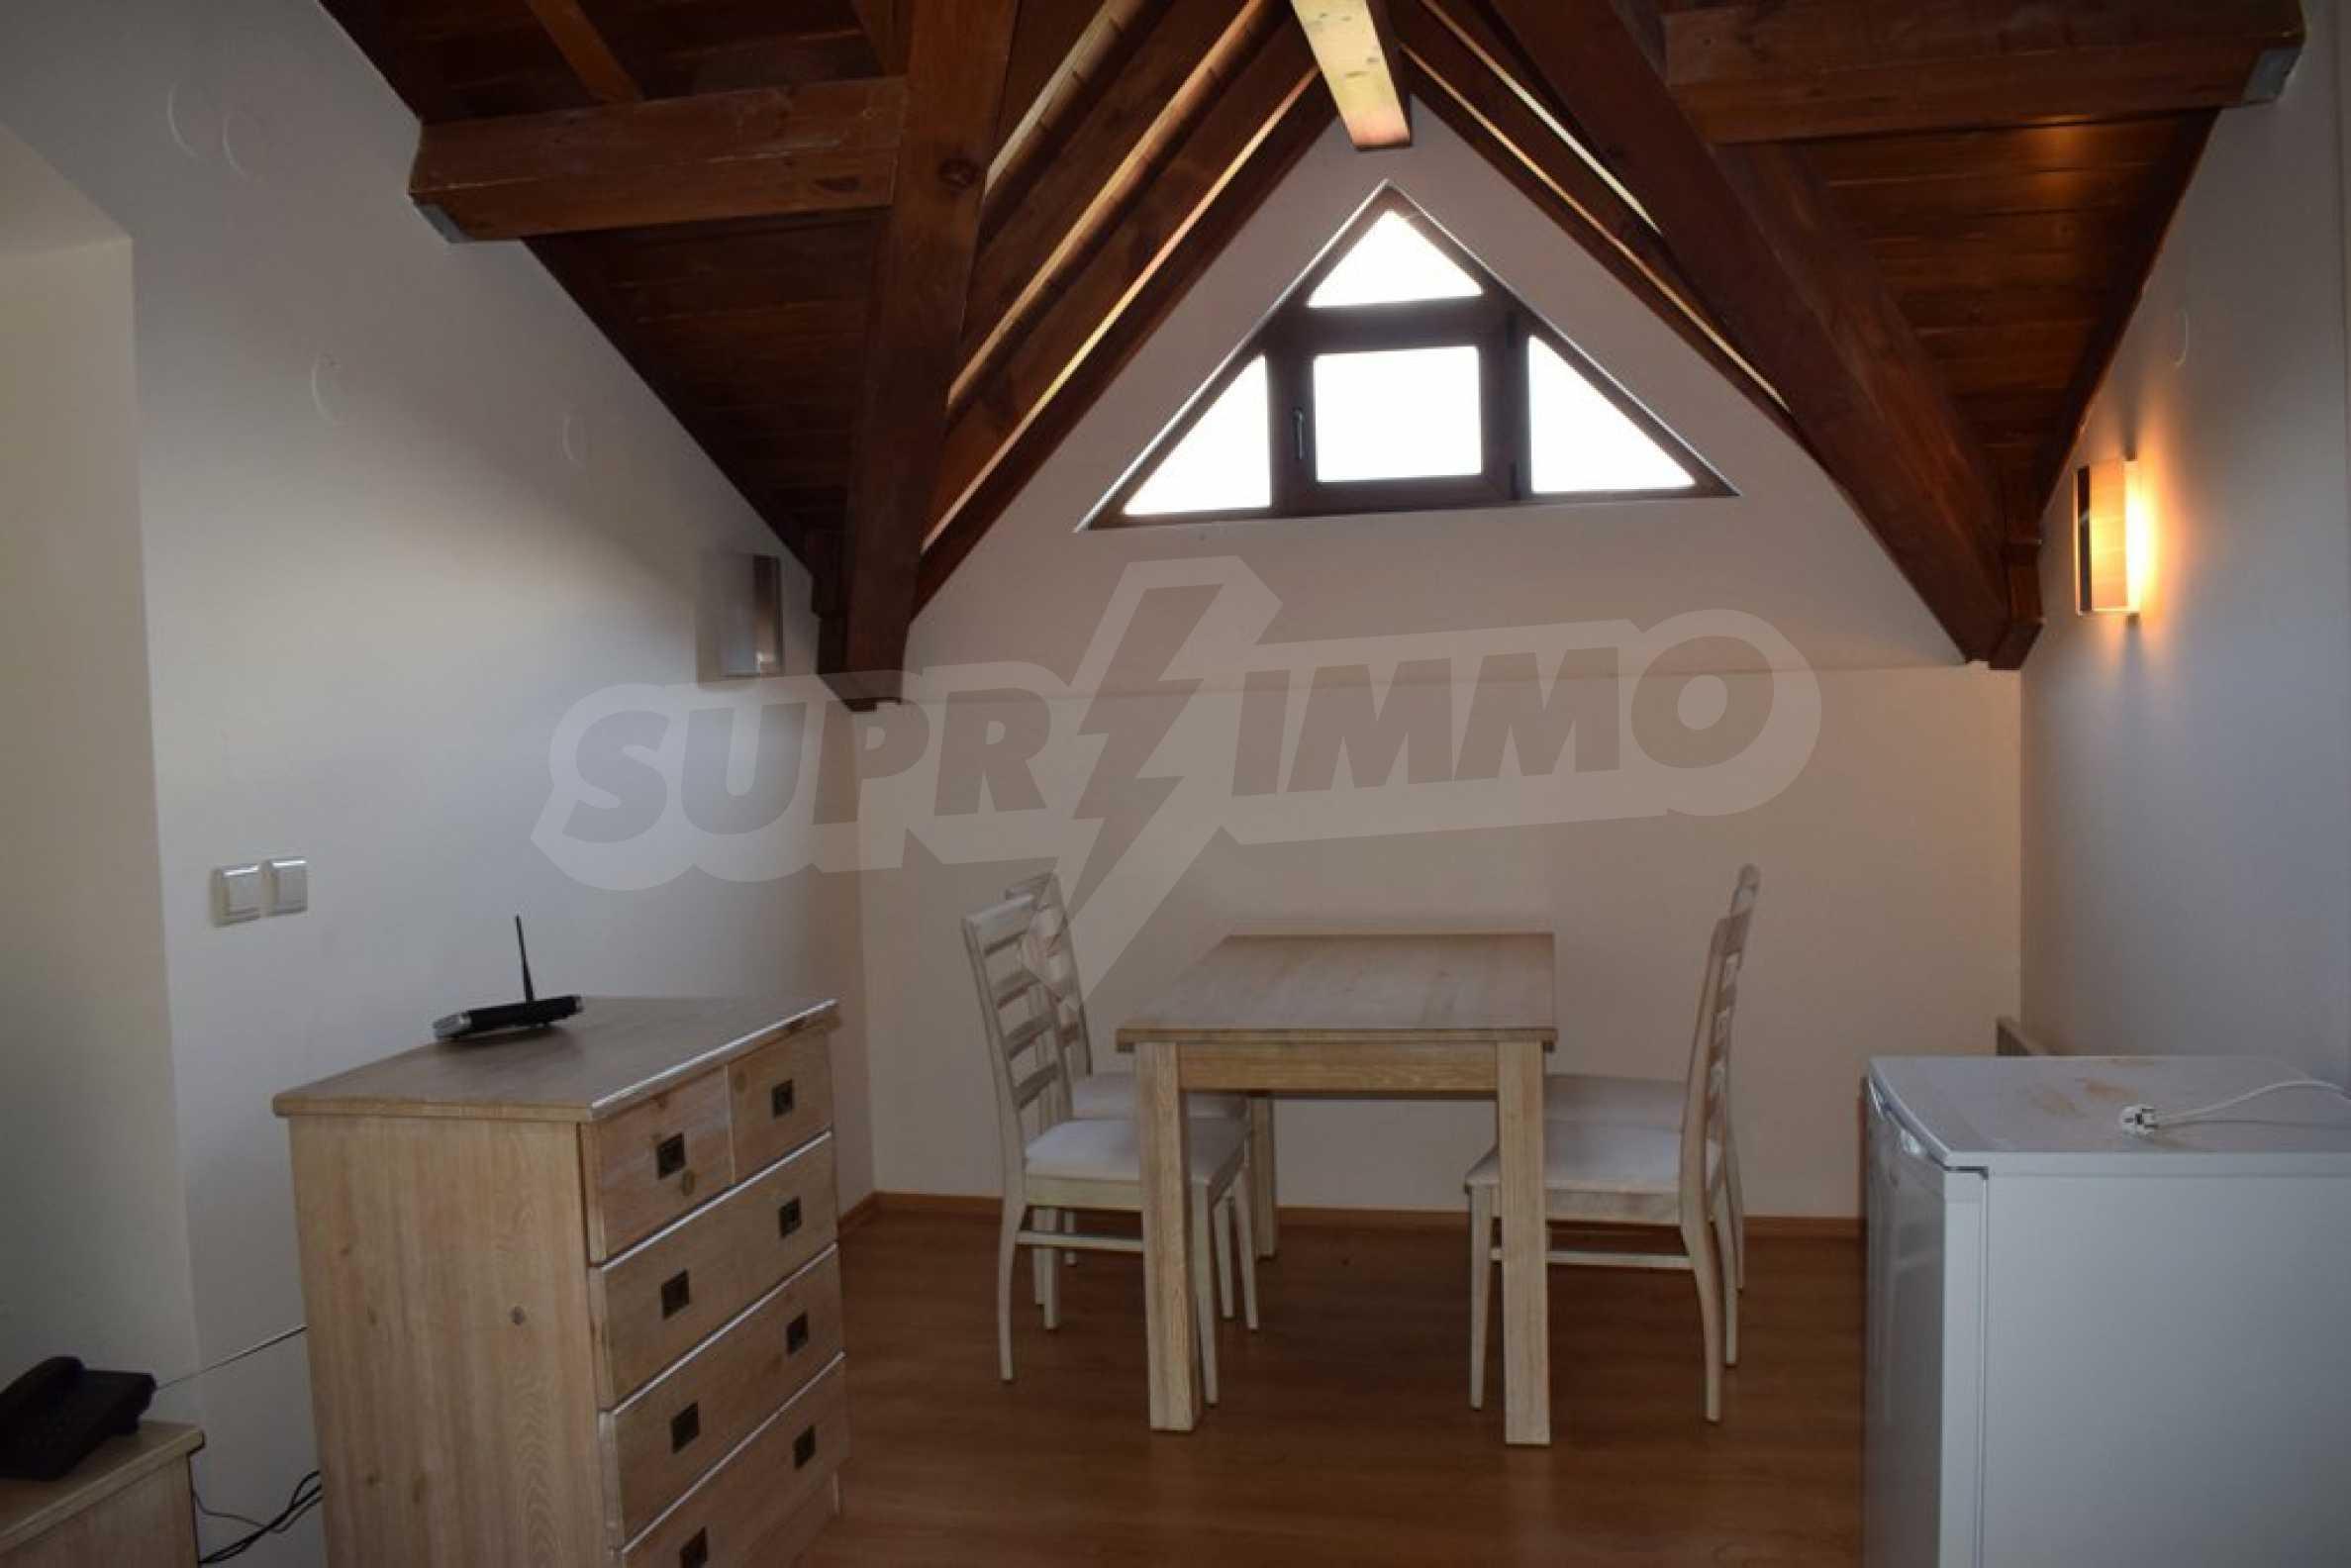 Двустаен апартамент в близост до голф игрище в района на Банско и Разлог 3